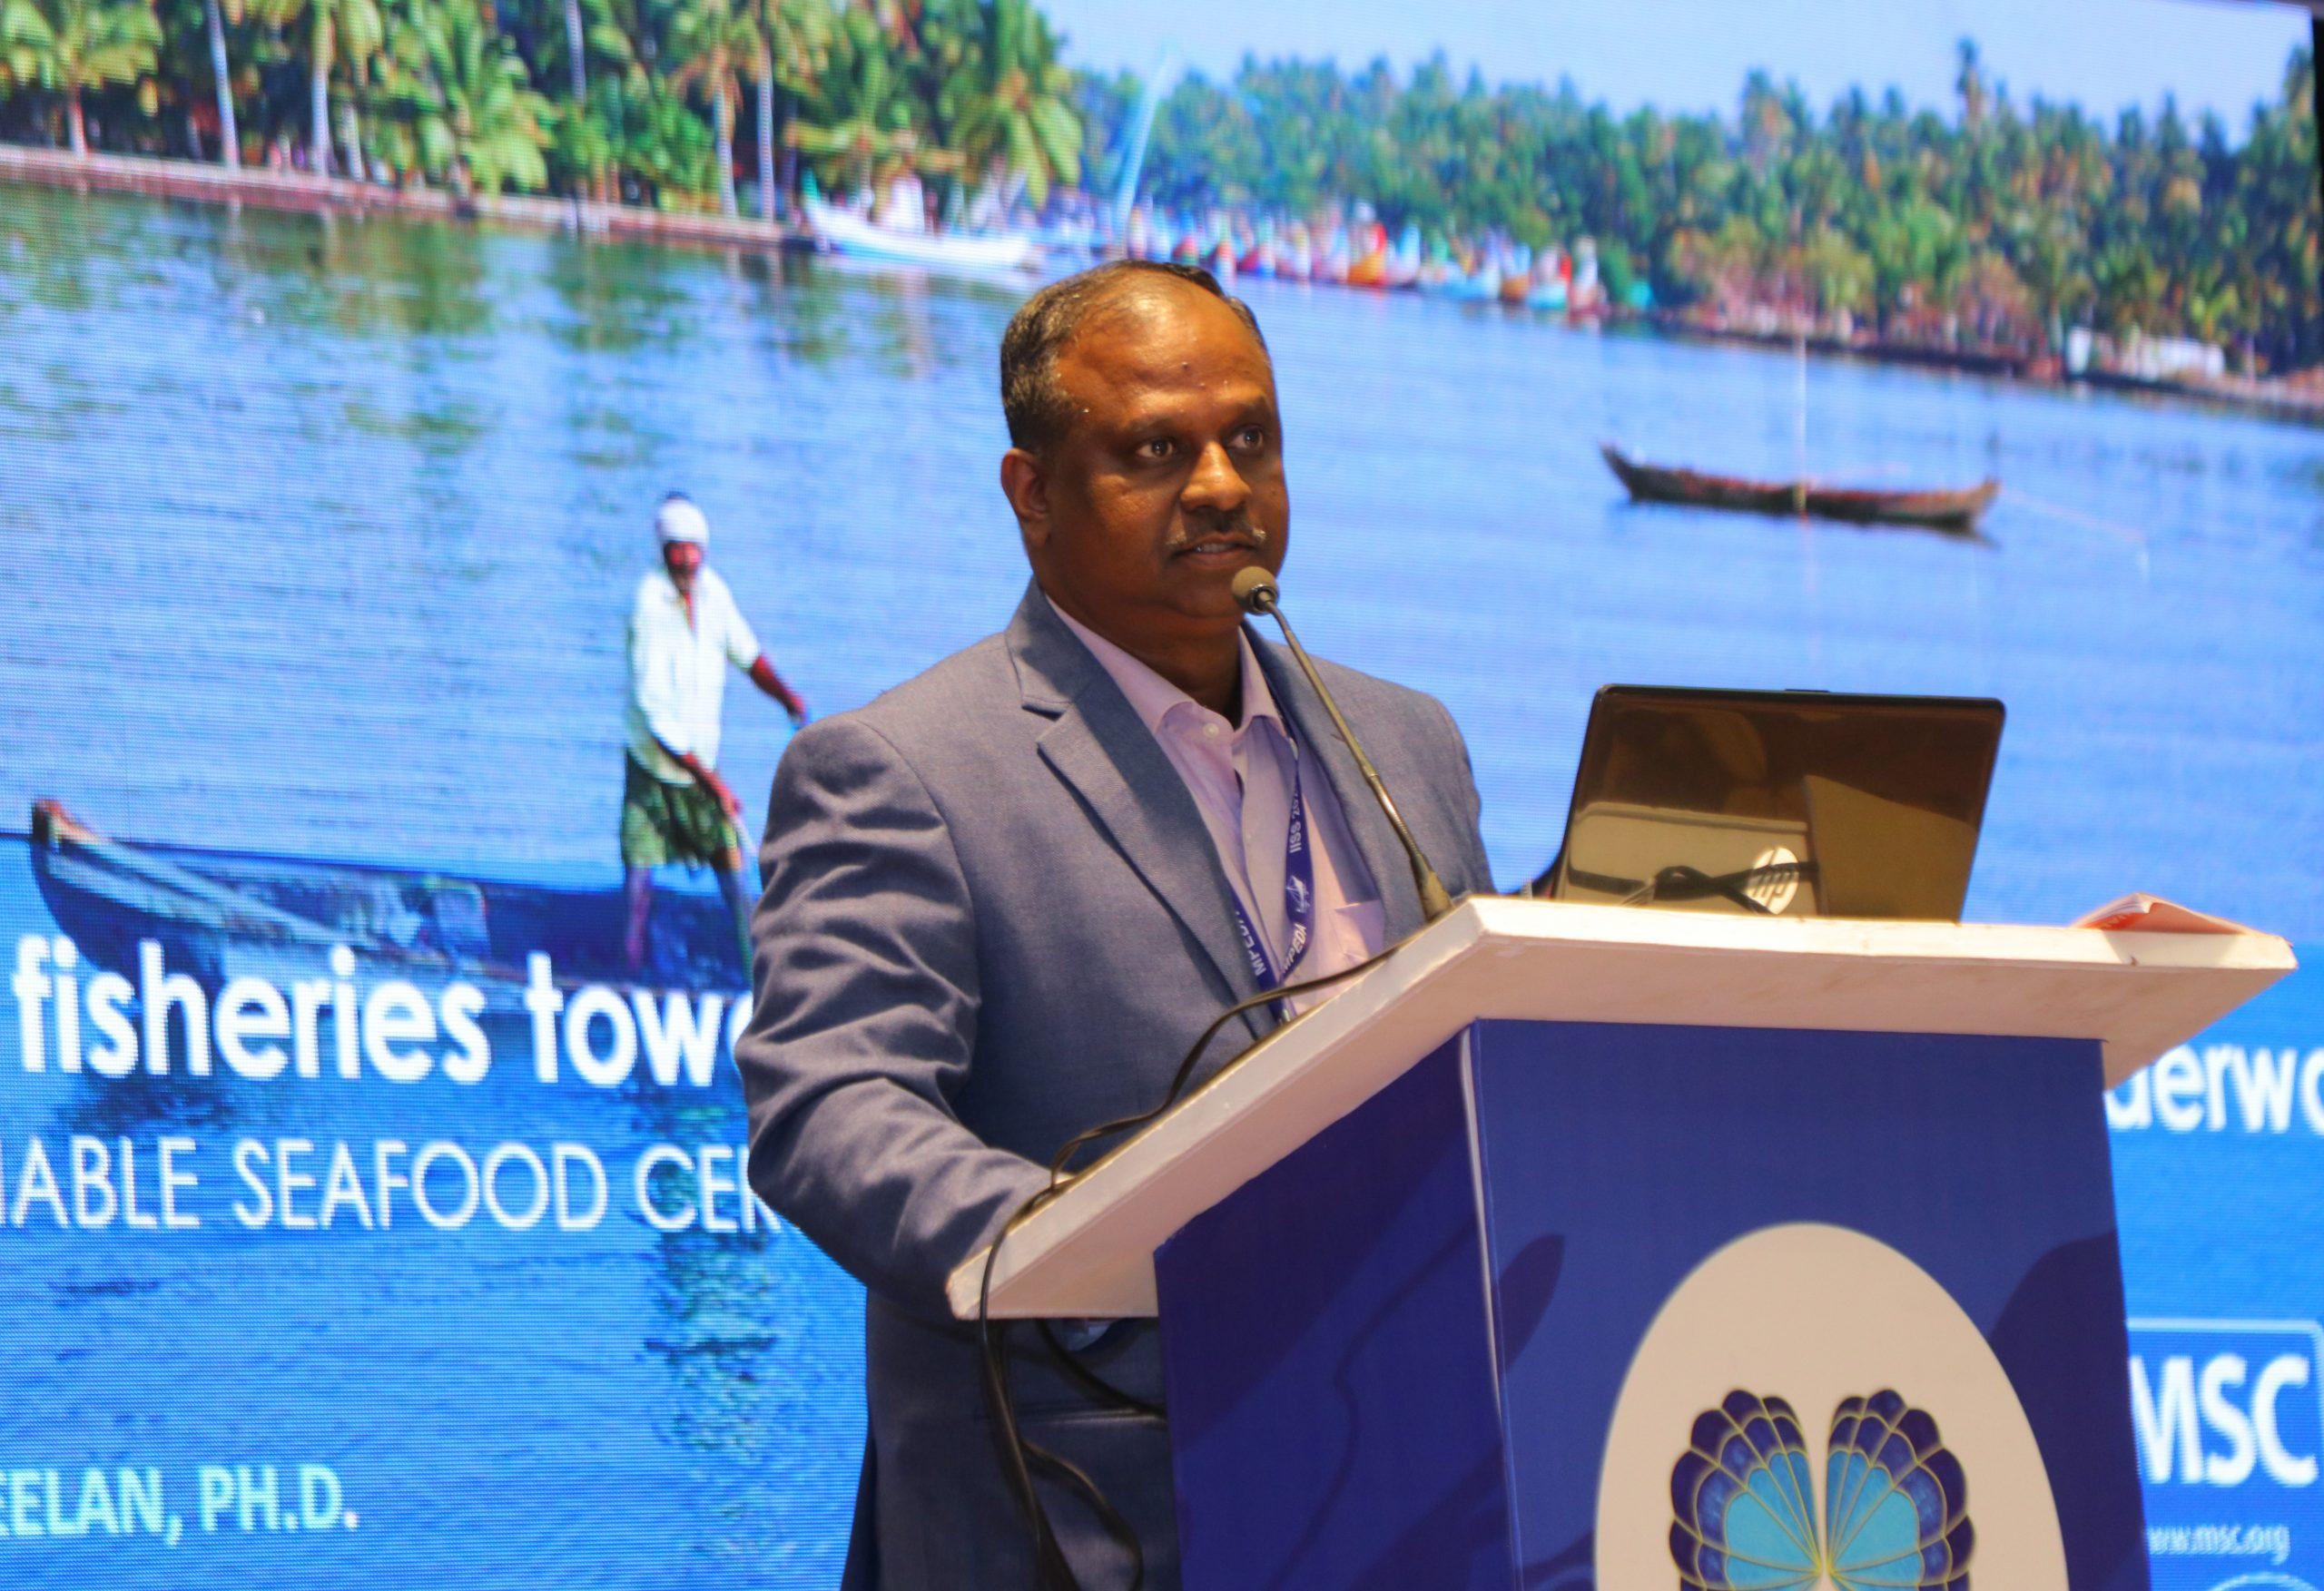 En Inde, on fait de la pêche durable pour bâtir l'économie future